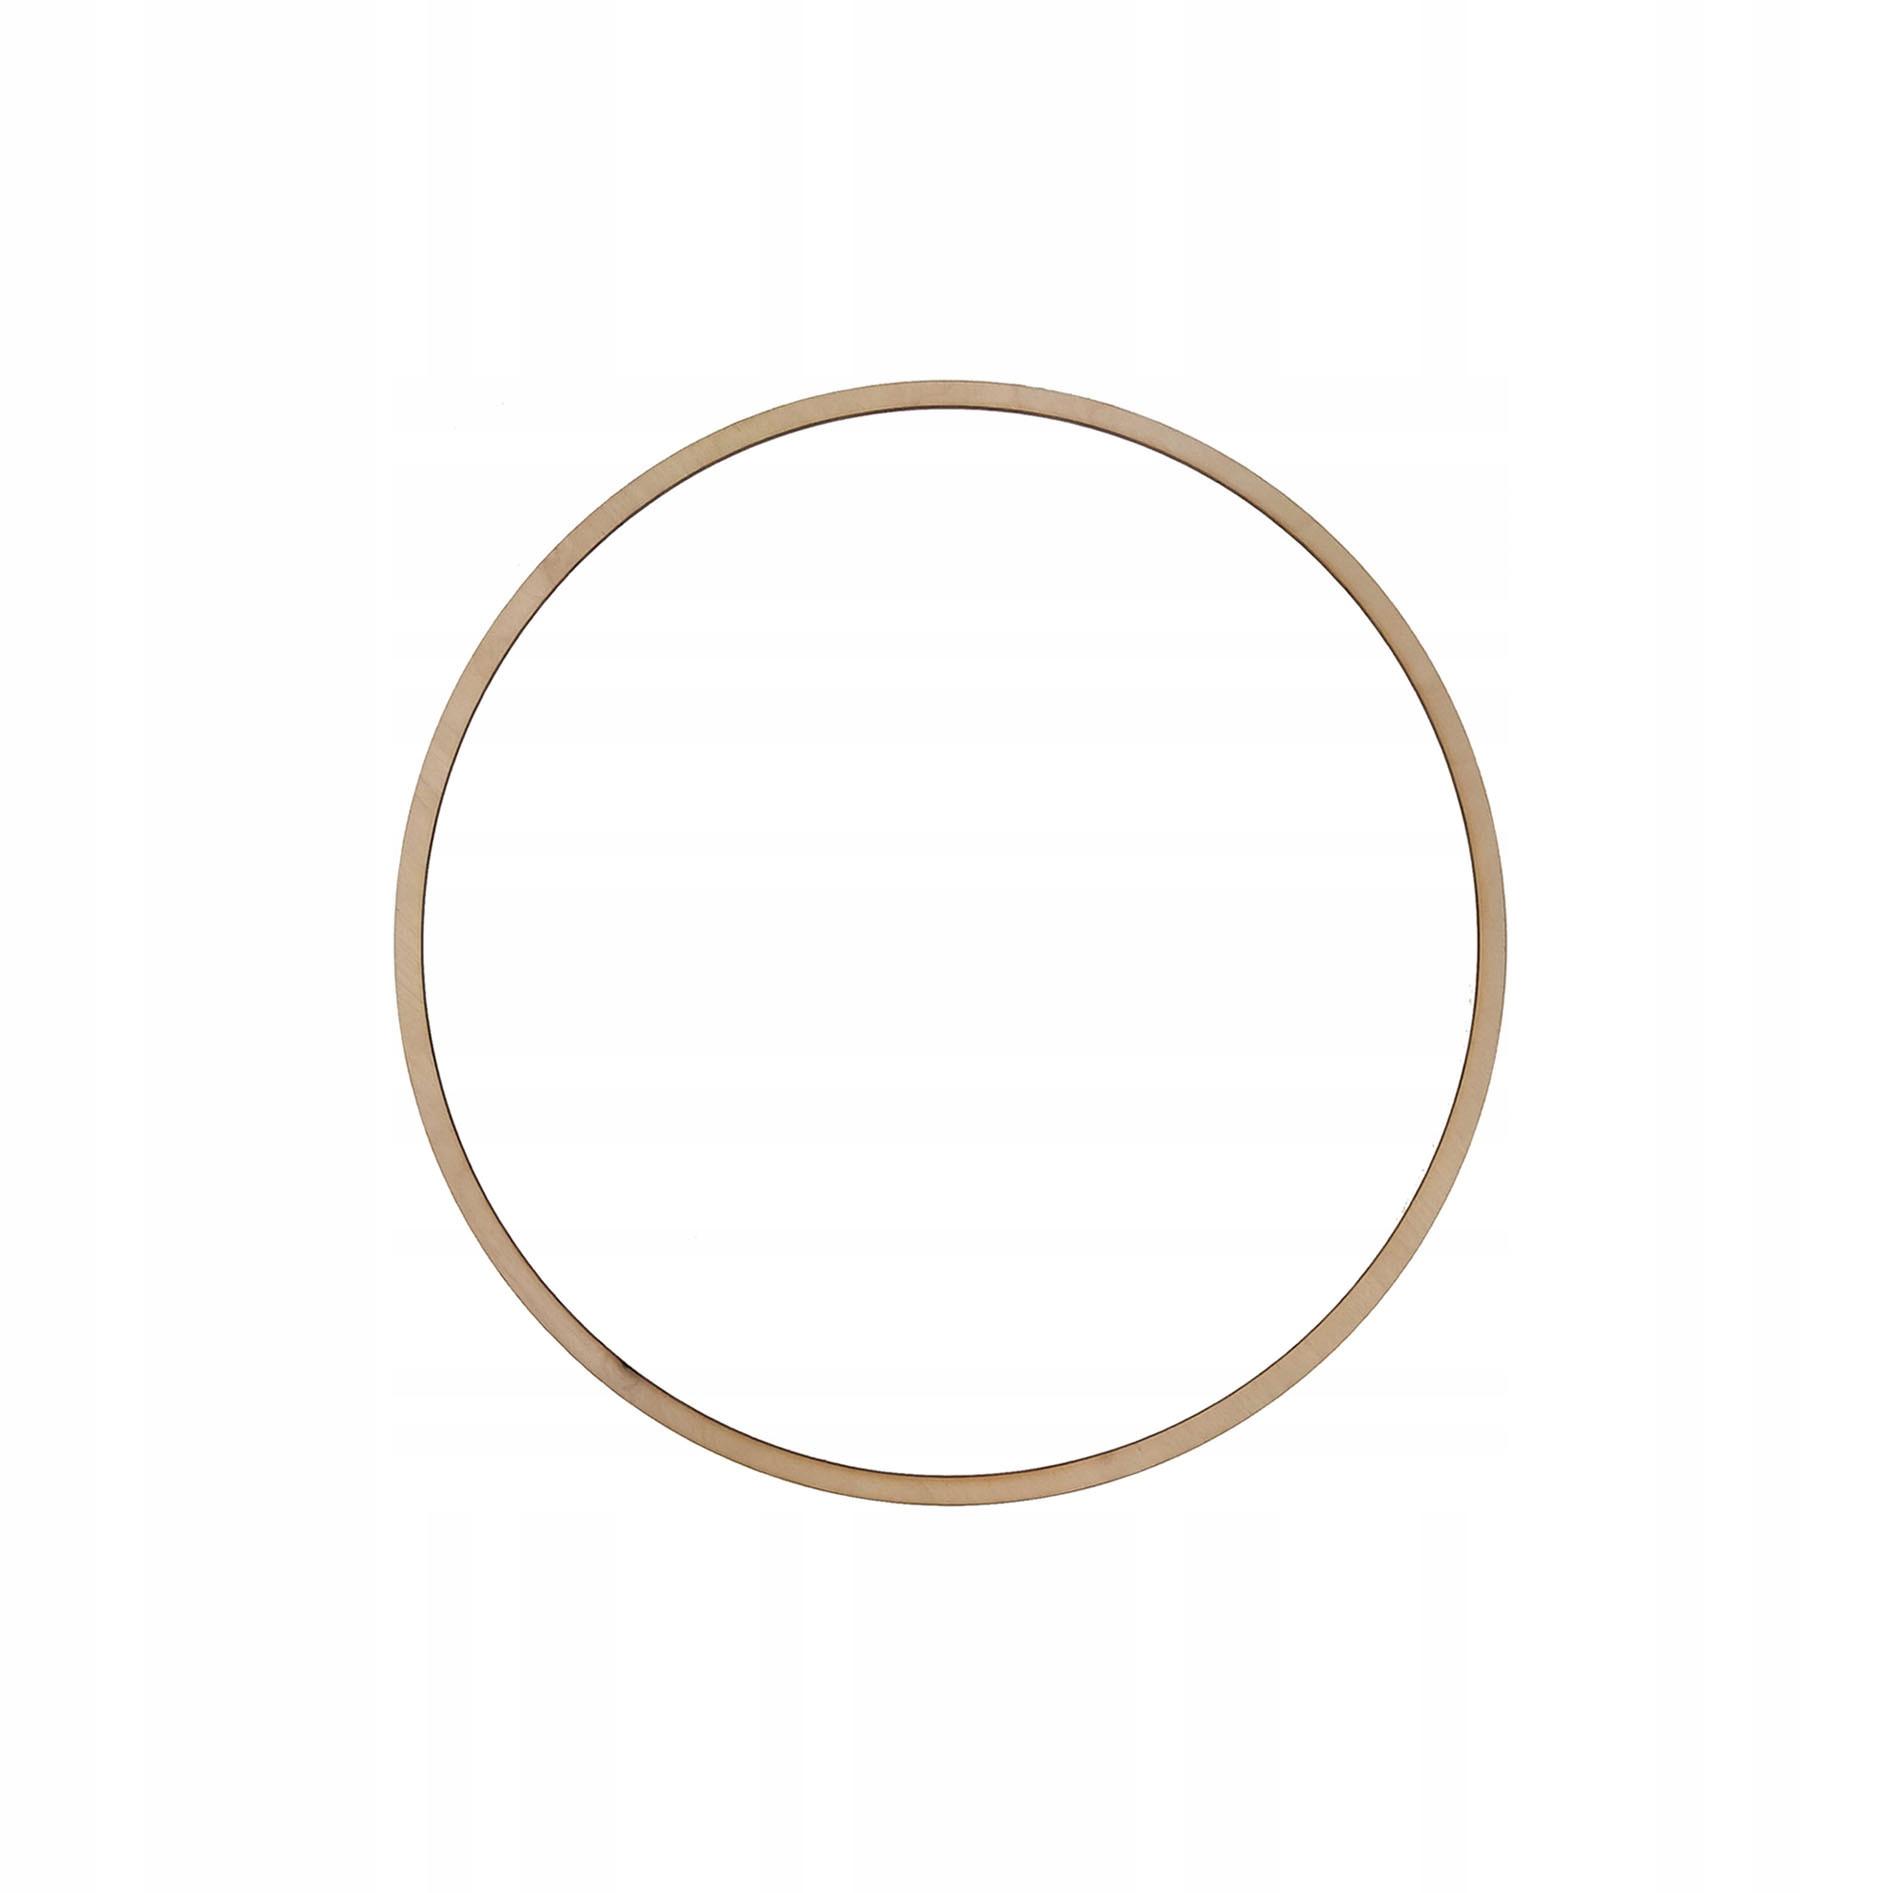 Drewniana obręcz kółko do łapacza snów - 22 cm